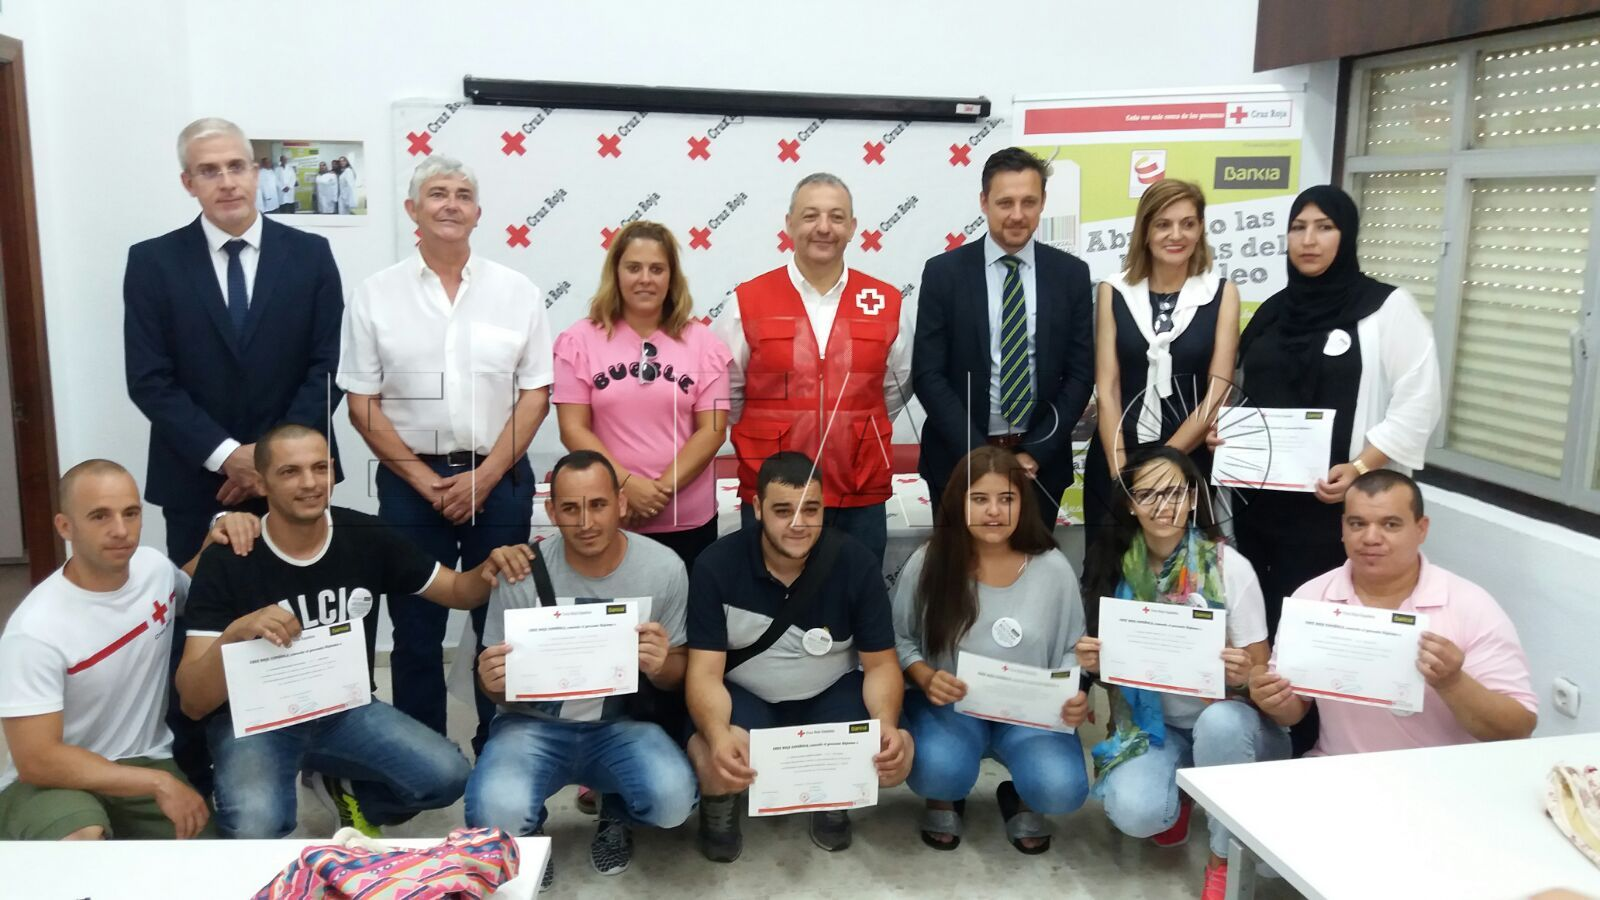 Cruz Roja forma a nuevos profesionales del almacenamiento